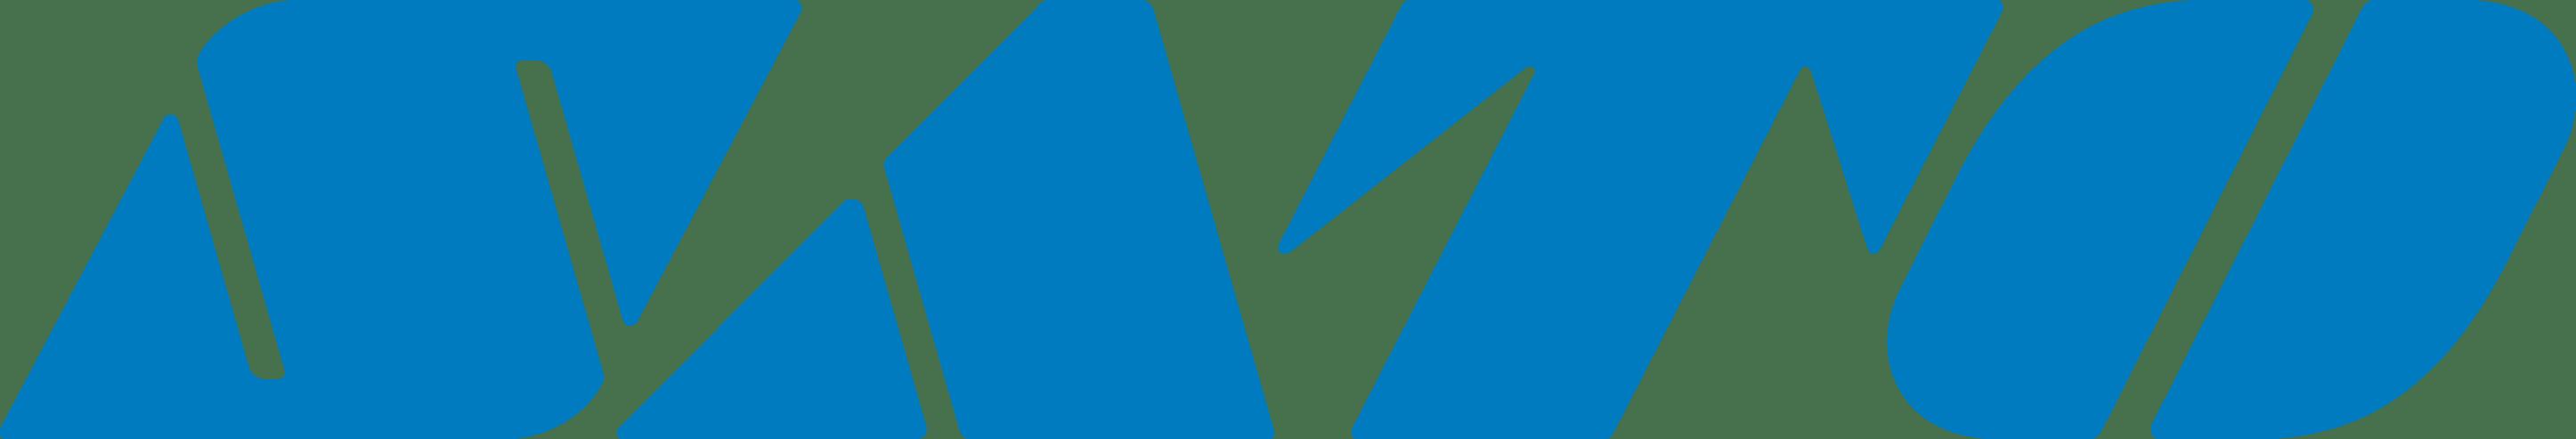 sato logo (blue) transparent BG